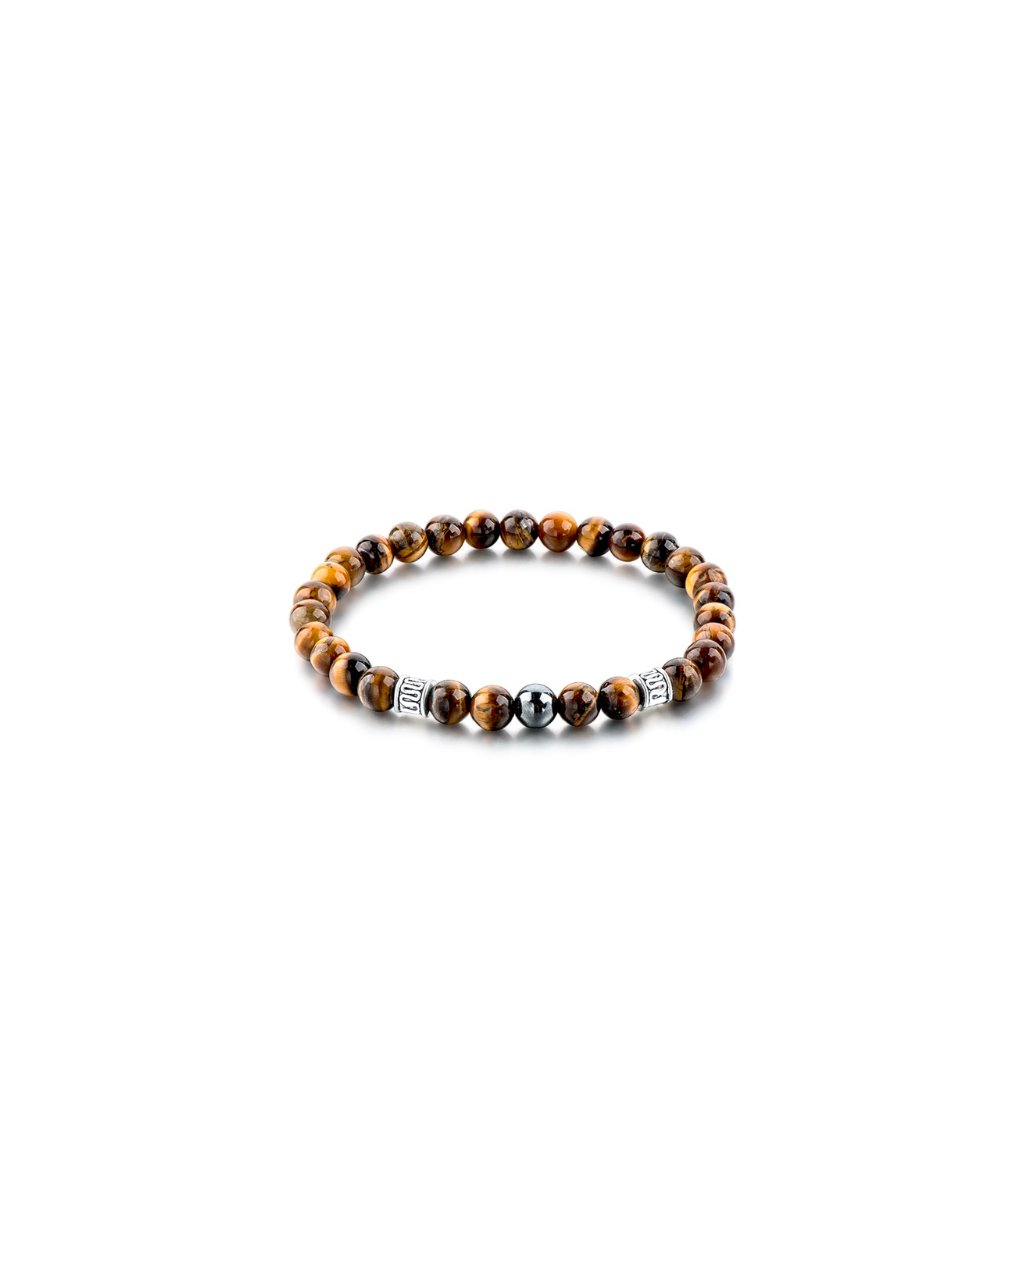 Minerální náramek tygří oko s černou perlou – úspěch a štěstí